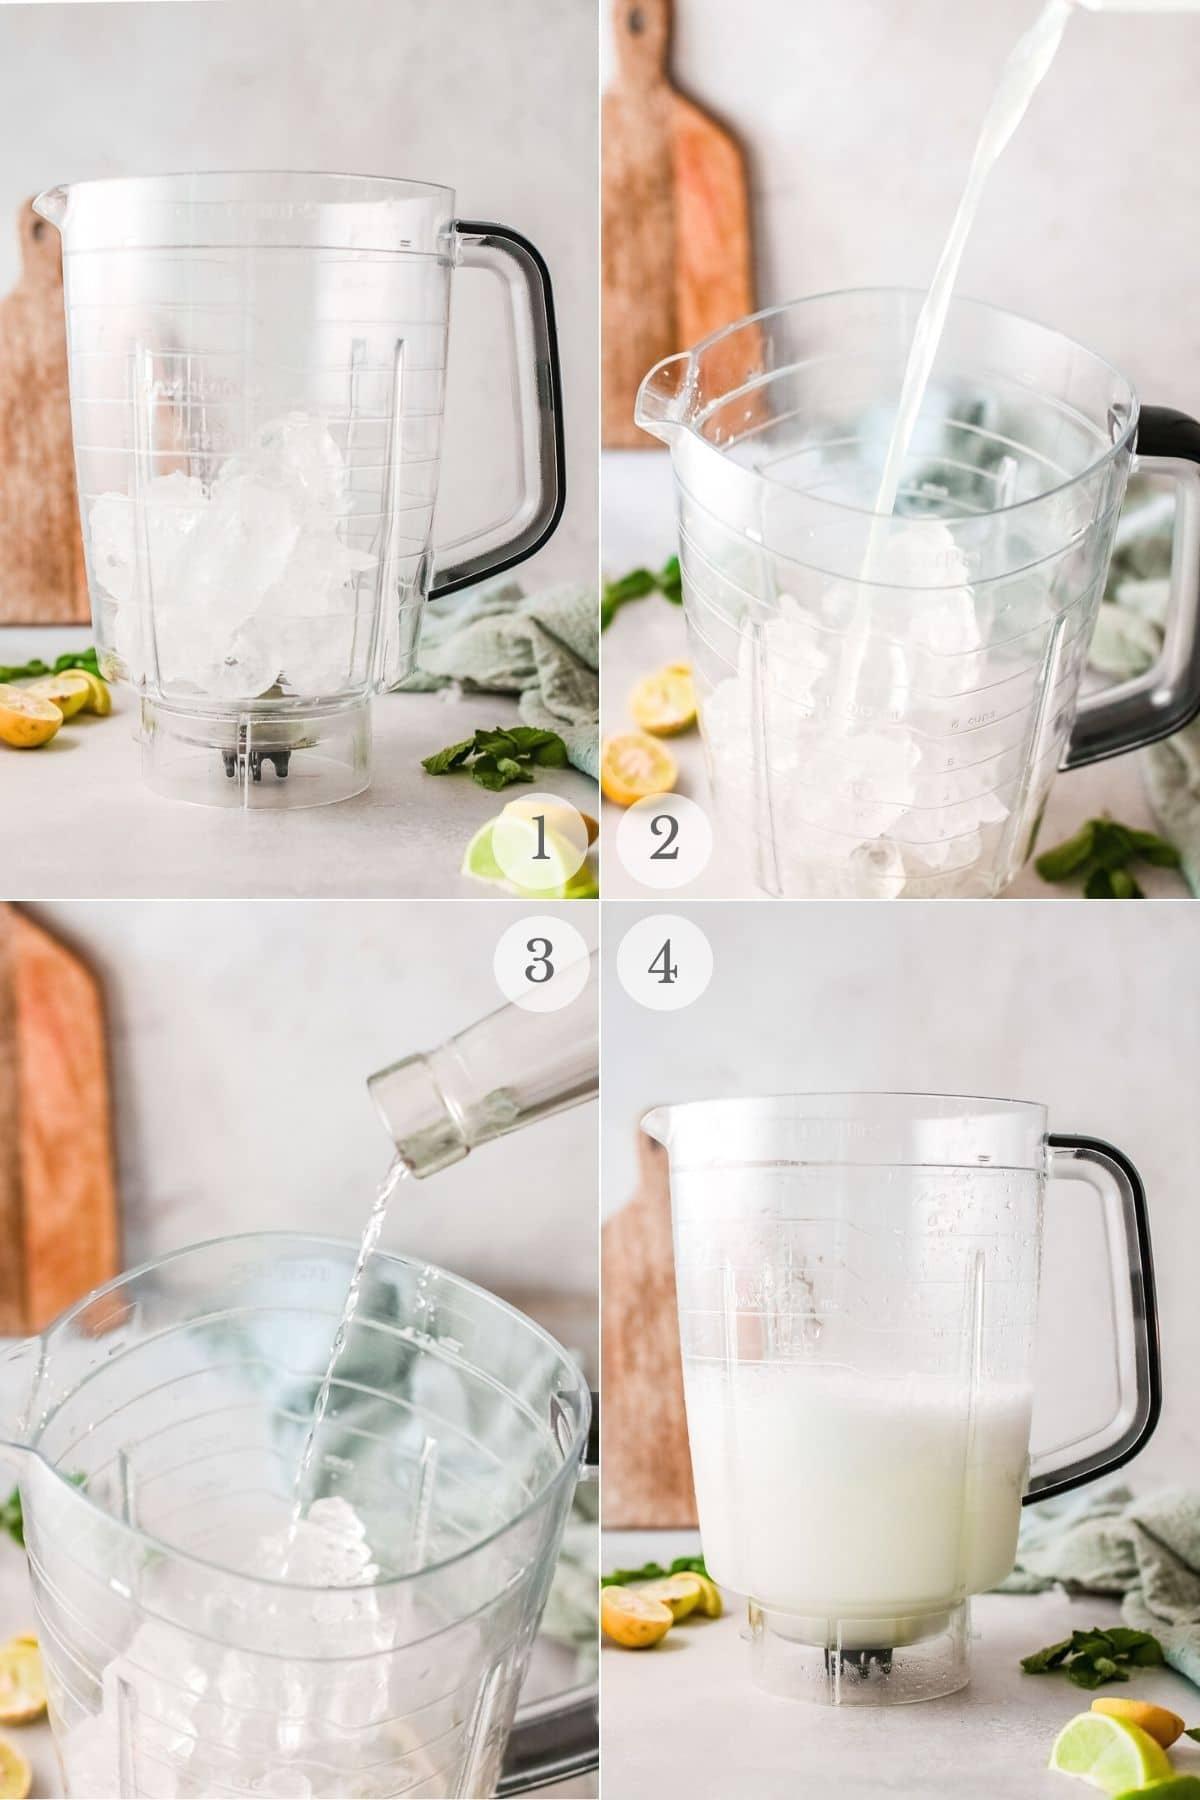 caipirinha cocktail recipes steps 1-4